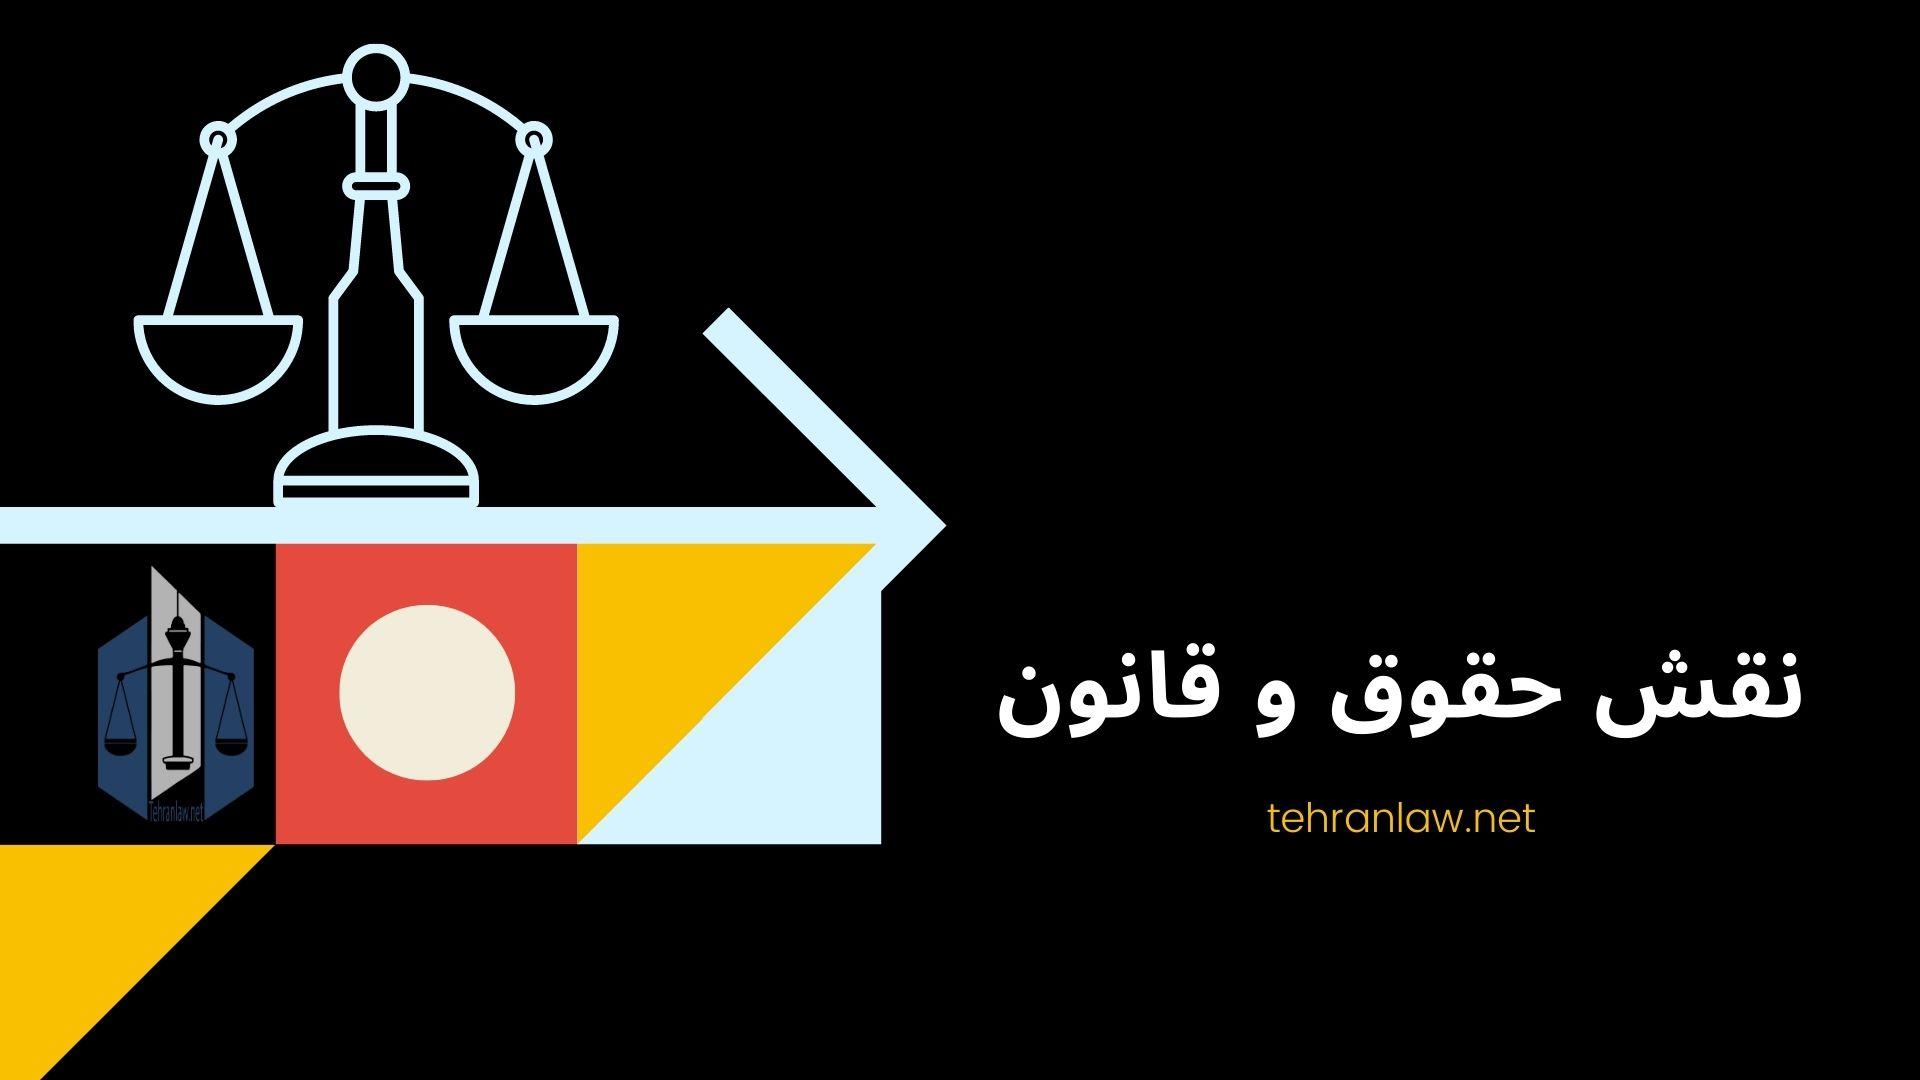 نقش حقوق و قانون